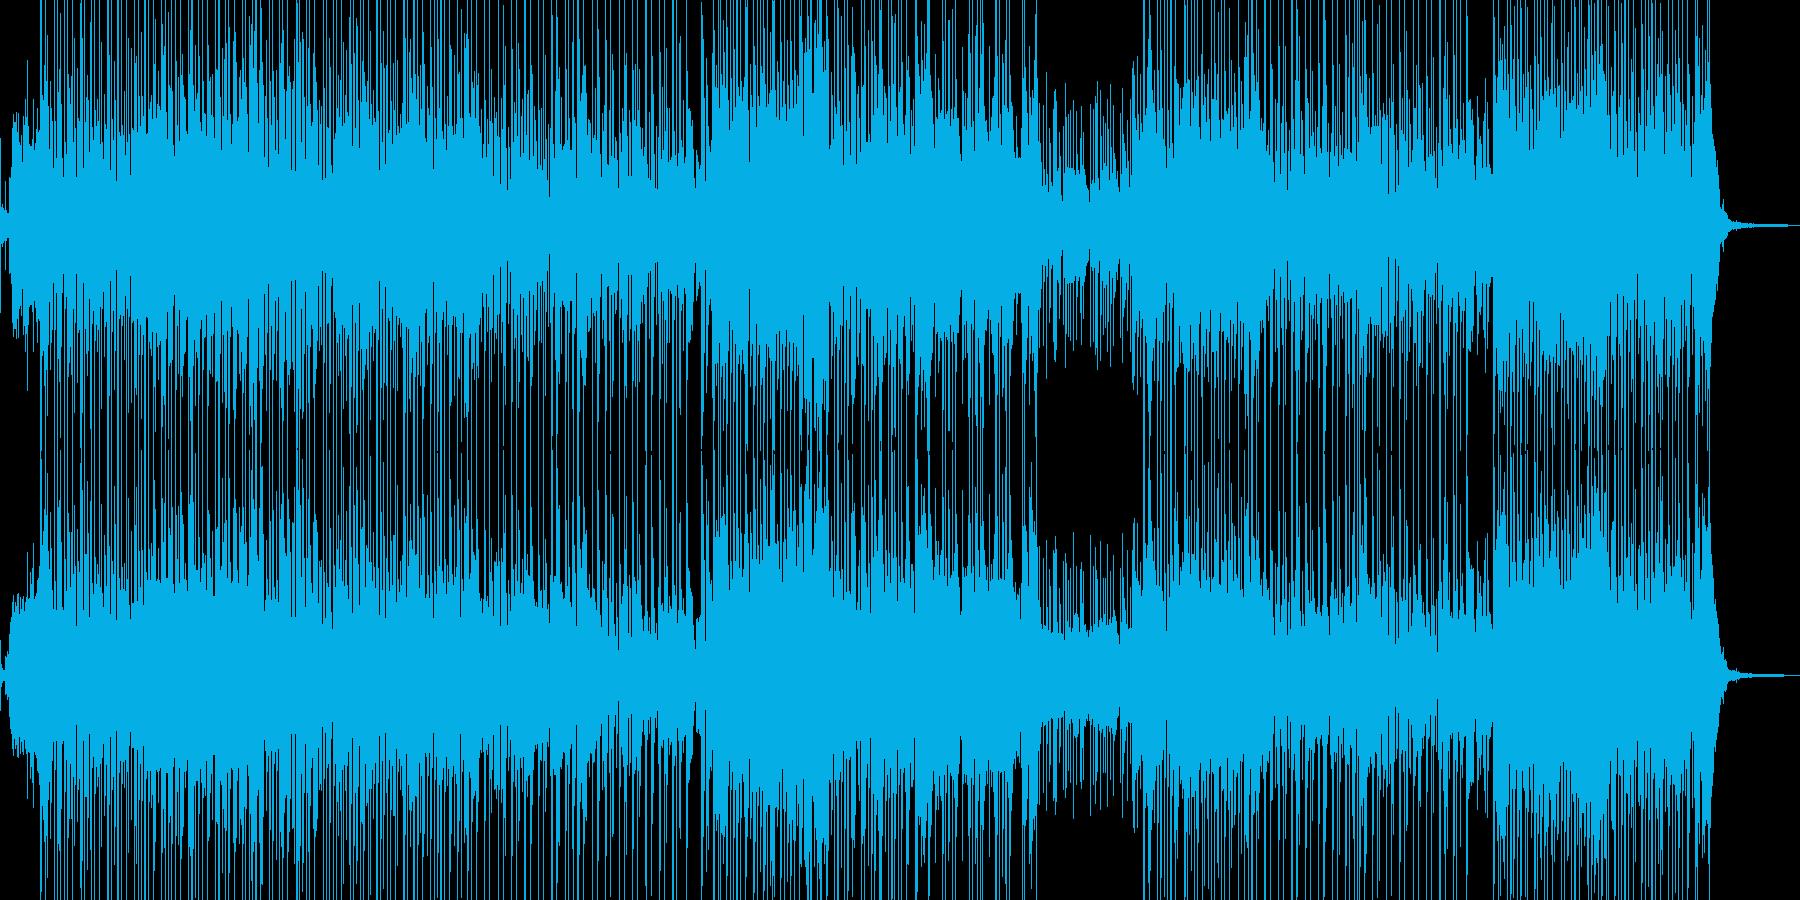 琴・三味線・レトロな演歌調ポップ 長尺の再生済みの波形